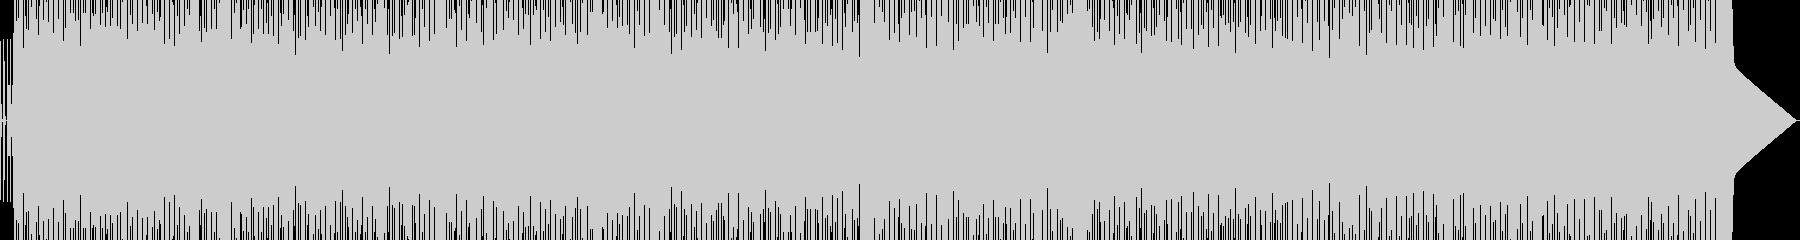 テクノポップ系の未再生の波形